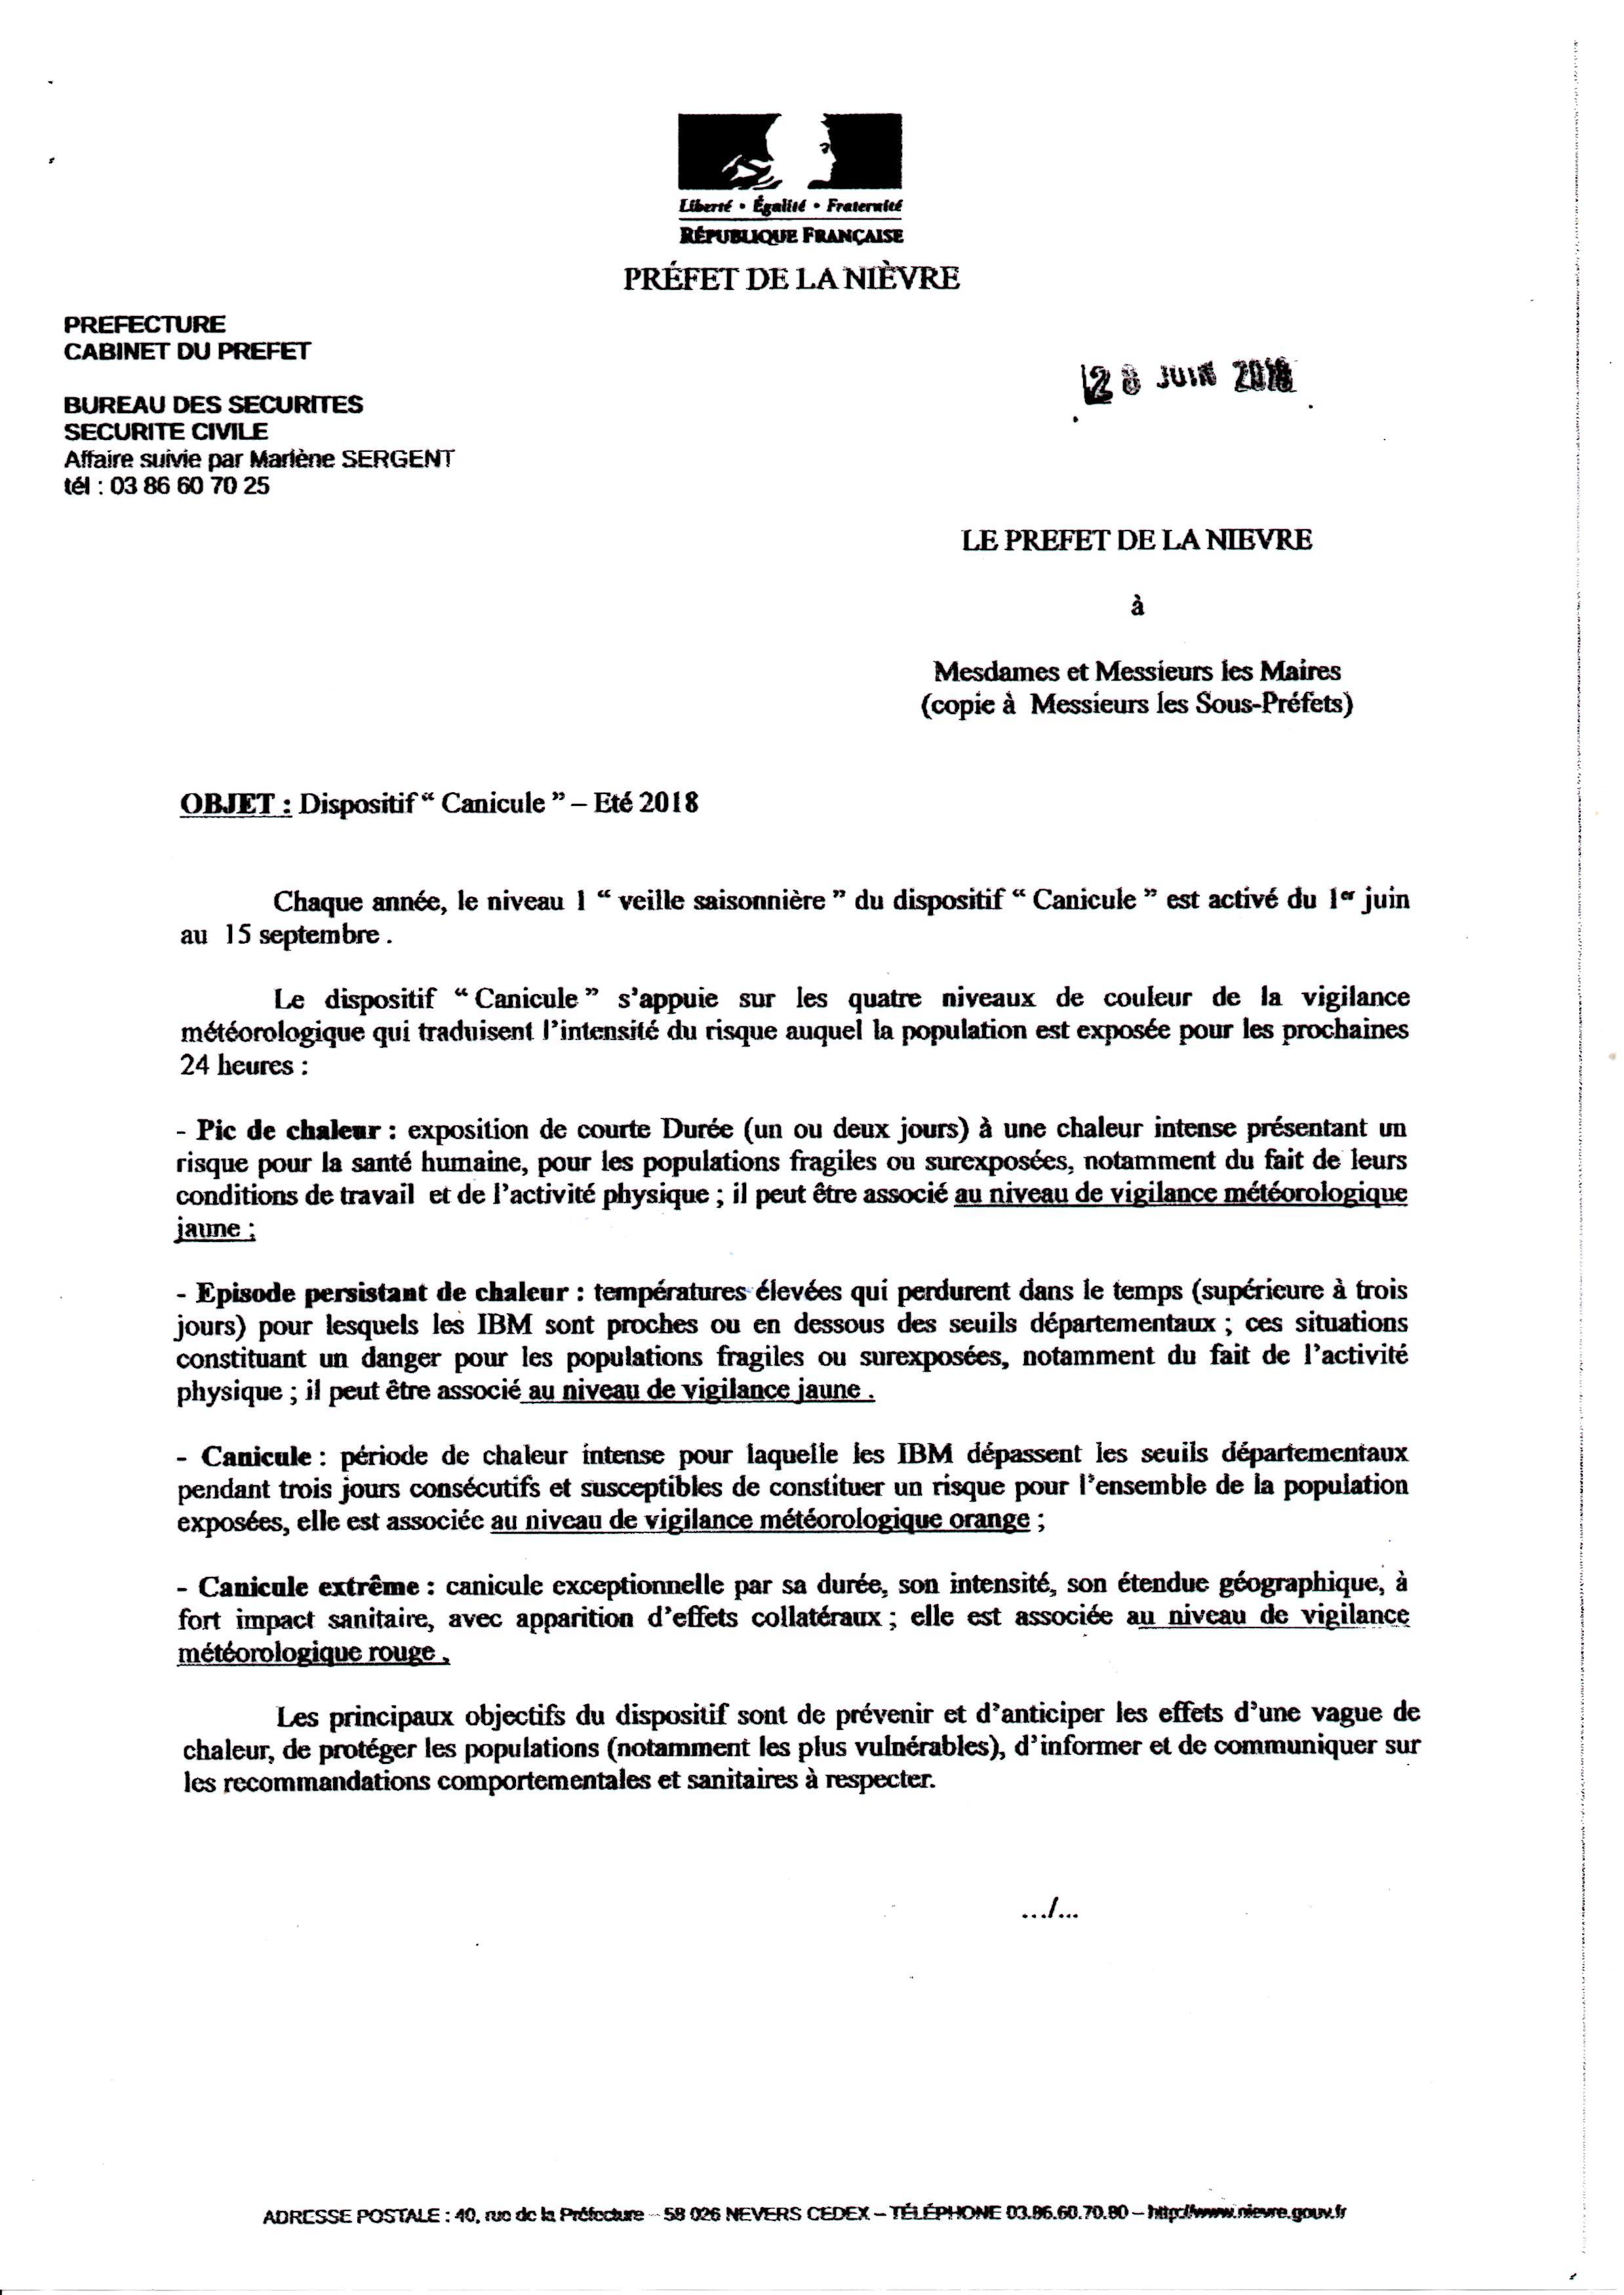 20180628-canicule-1